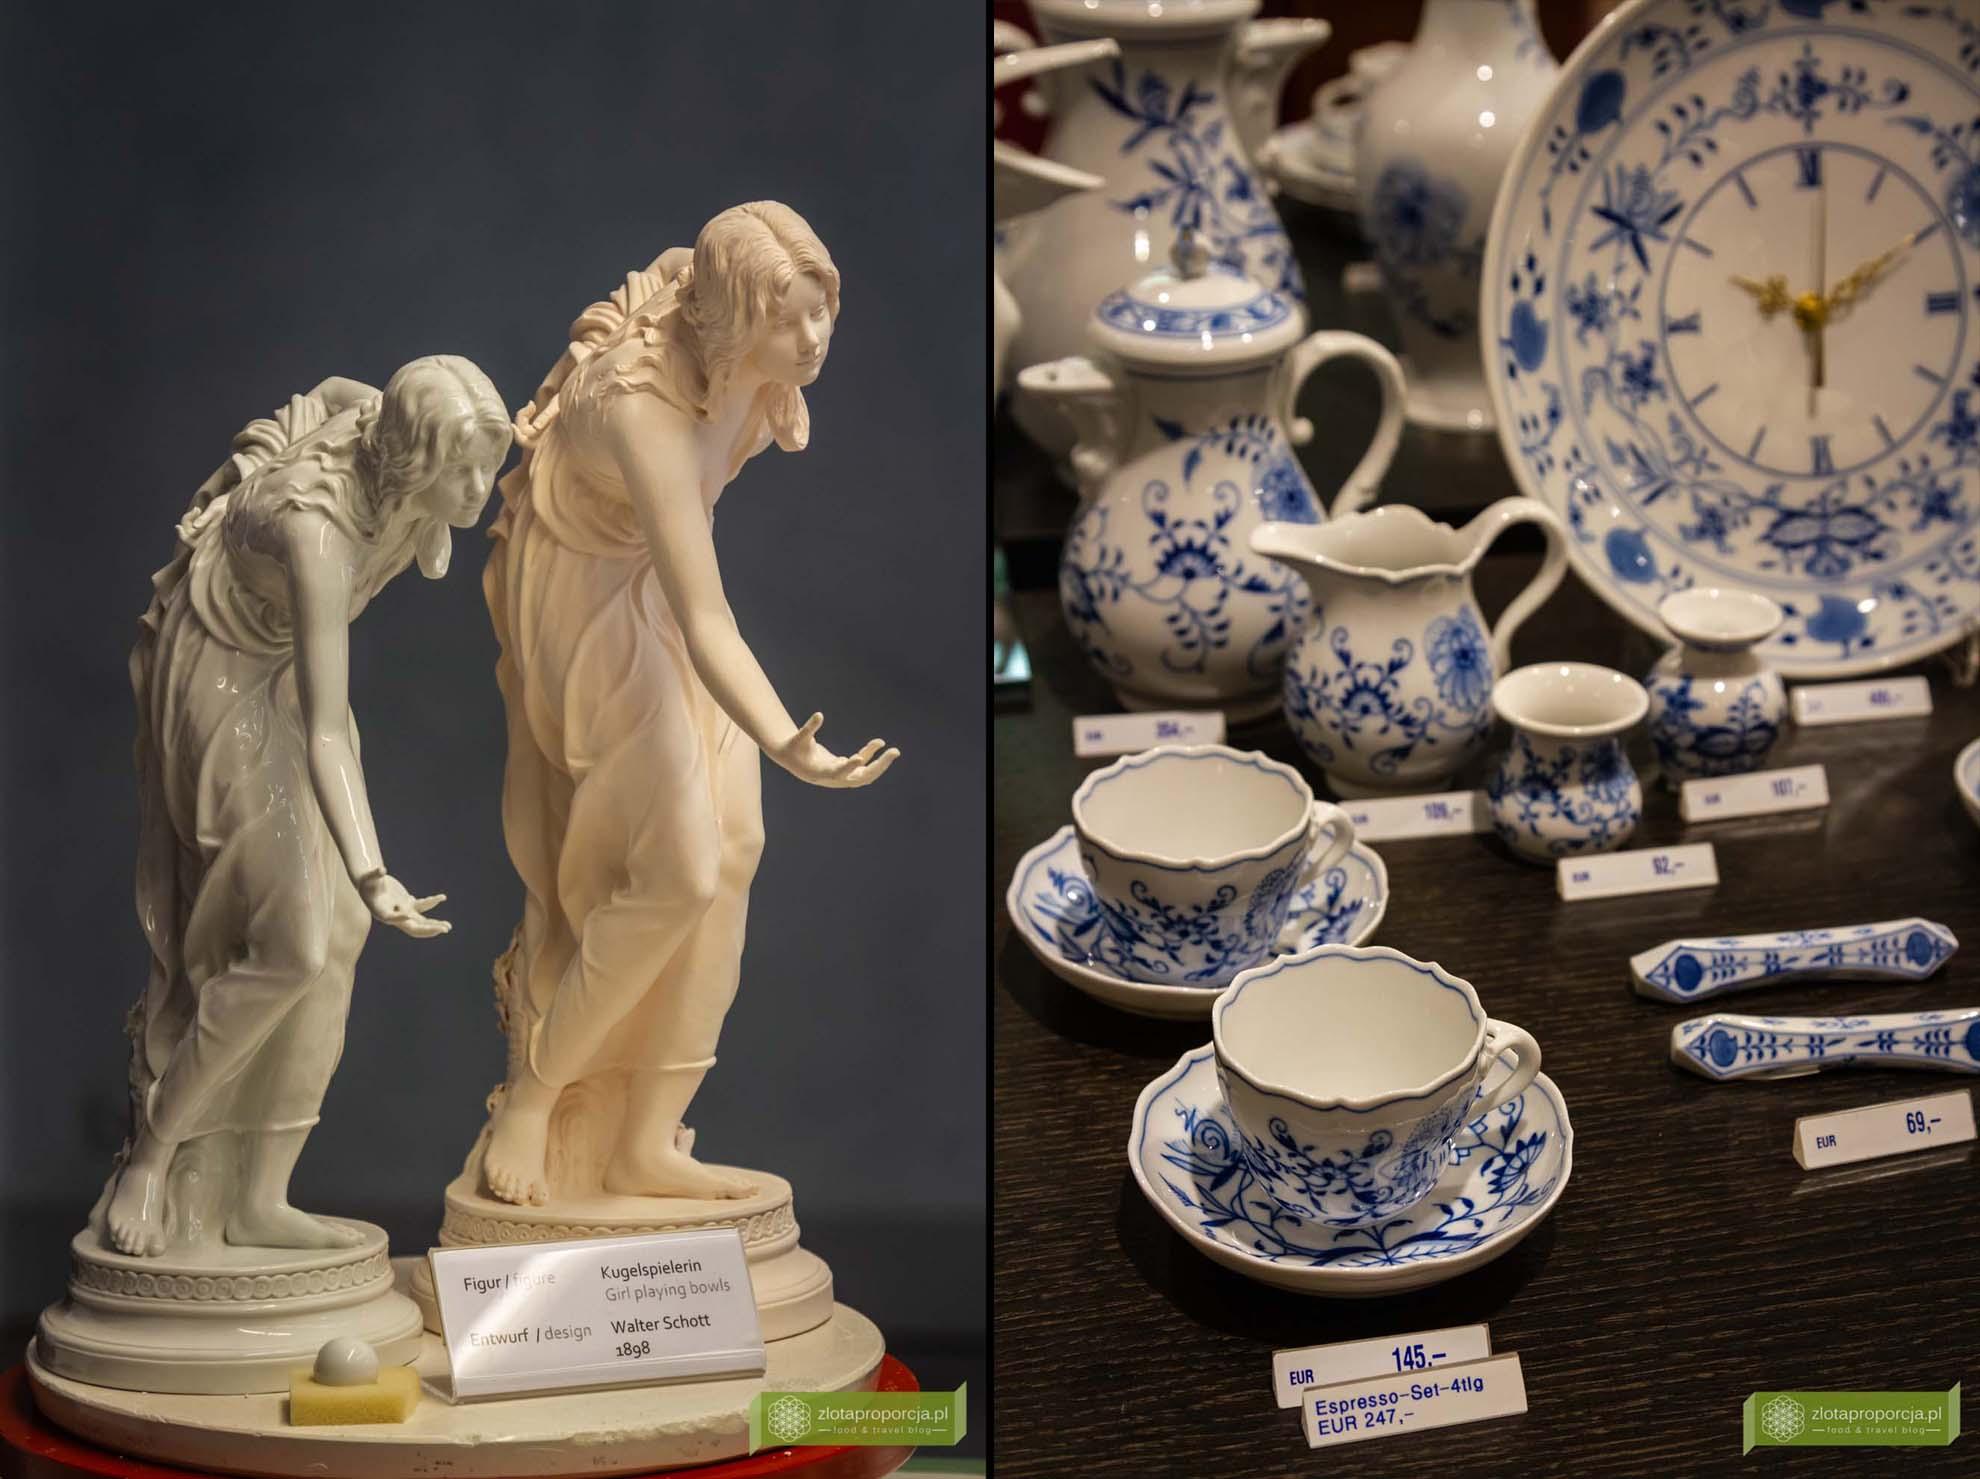 Miśnia, Saksonia, atrakcje Saksonii, Manufaktura Porcelany, porcelana miśnieńska